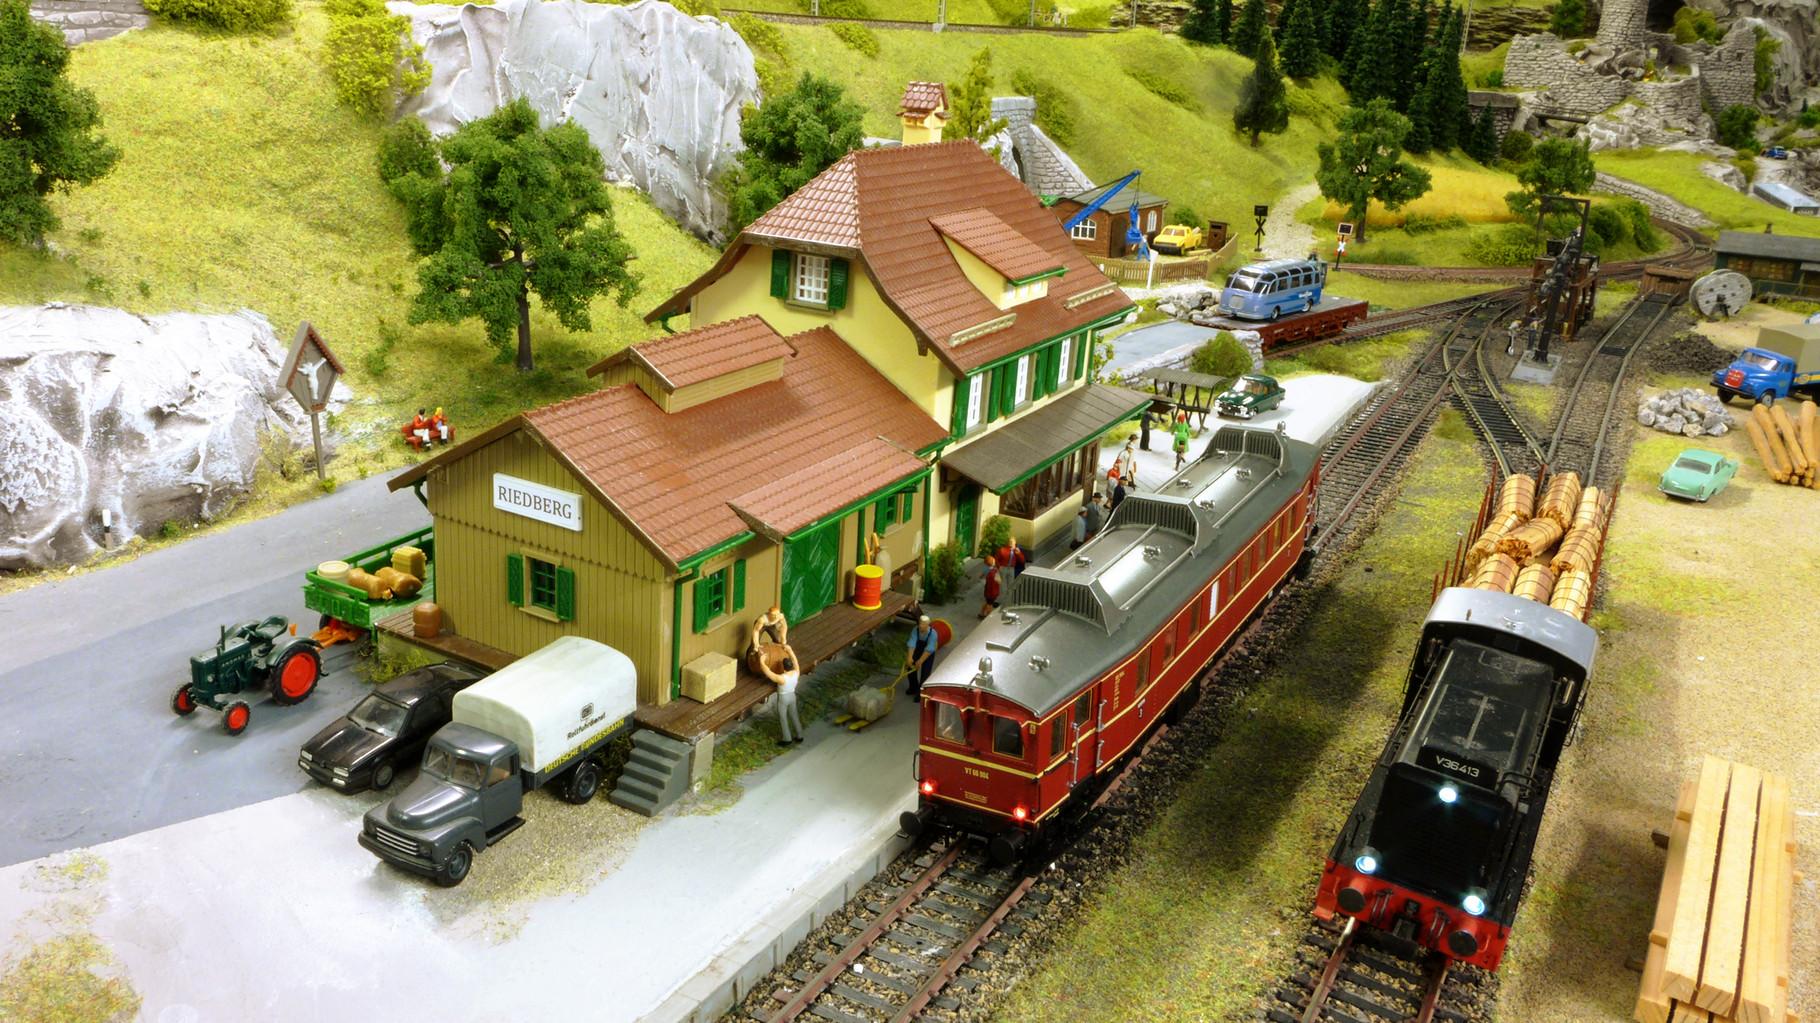 Mein Nebenbahnhof RIEDBERG mit VT 66 904 (von BRAWA) und V 36 413 (Modell plus von Lenz)